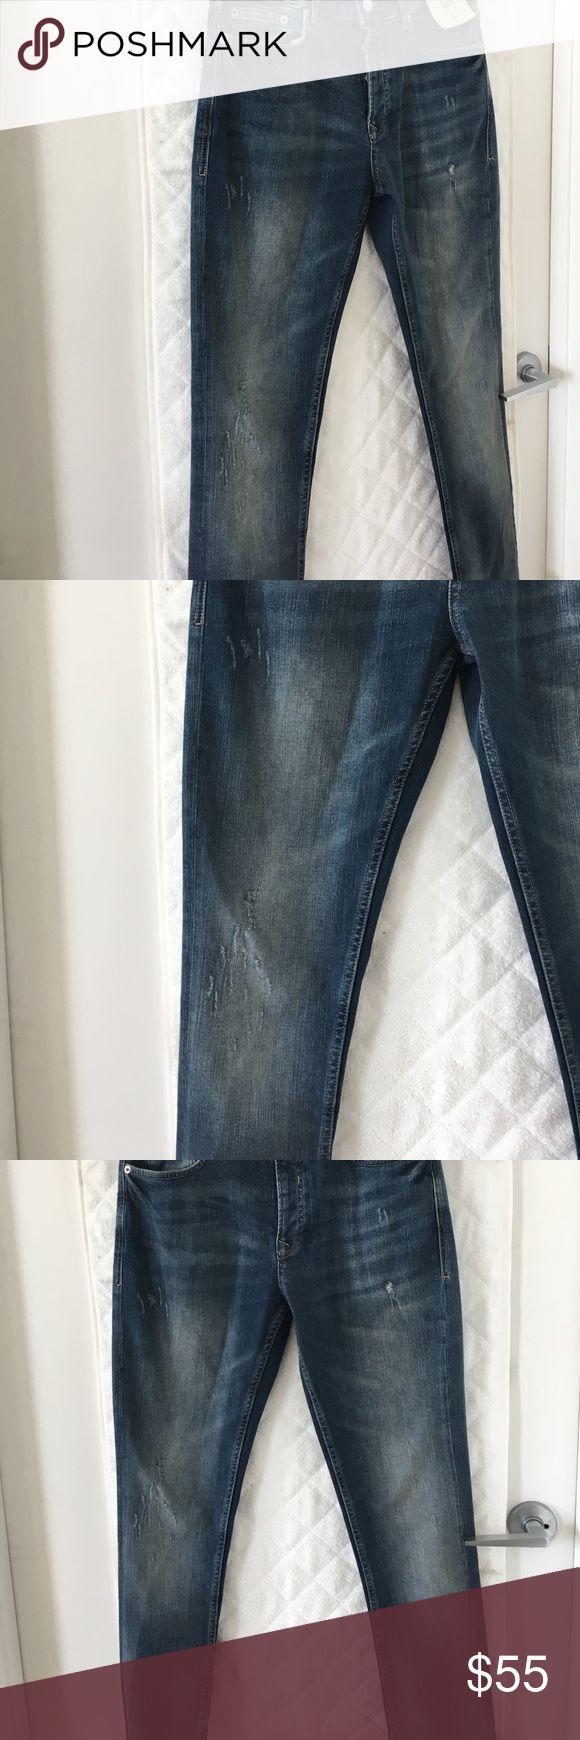 Topman jeans - New! Topman jeans - stretch slim - W30 L32 Topman Jeans Slim